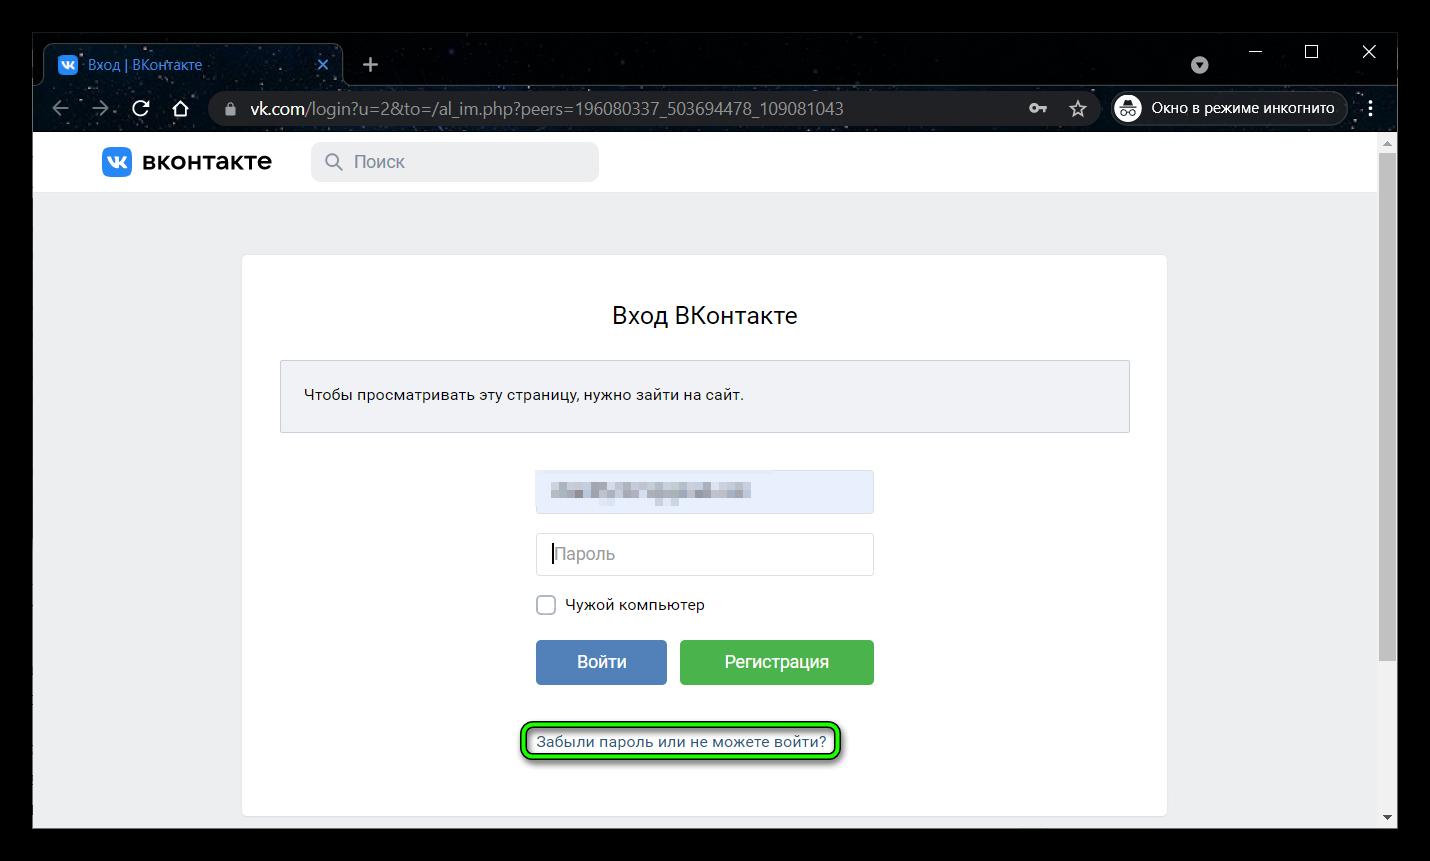 востановление пароля для новой страницы